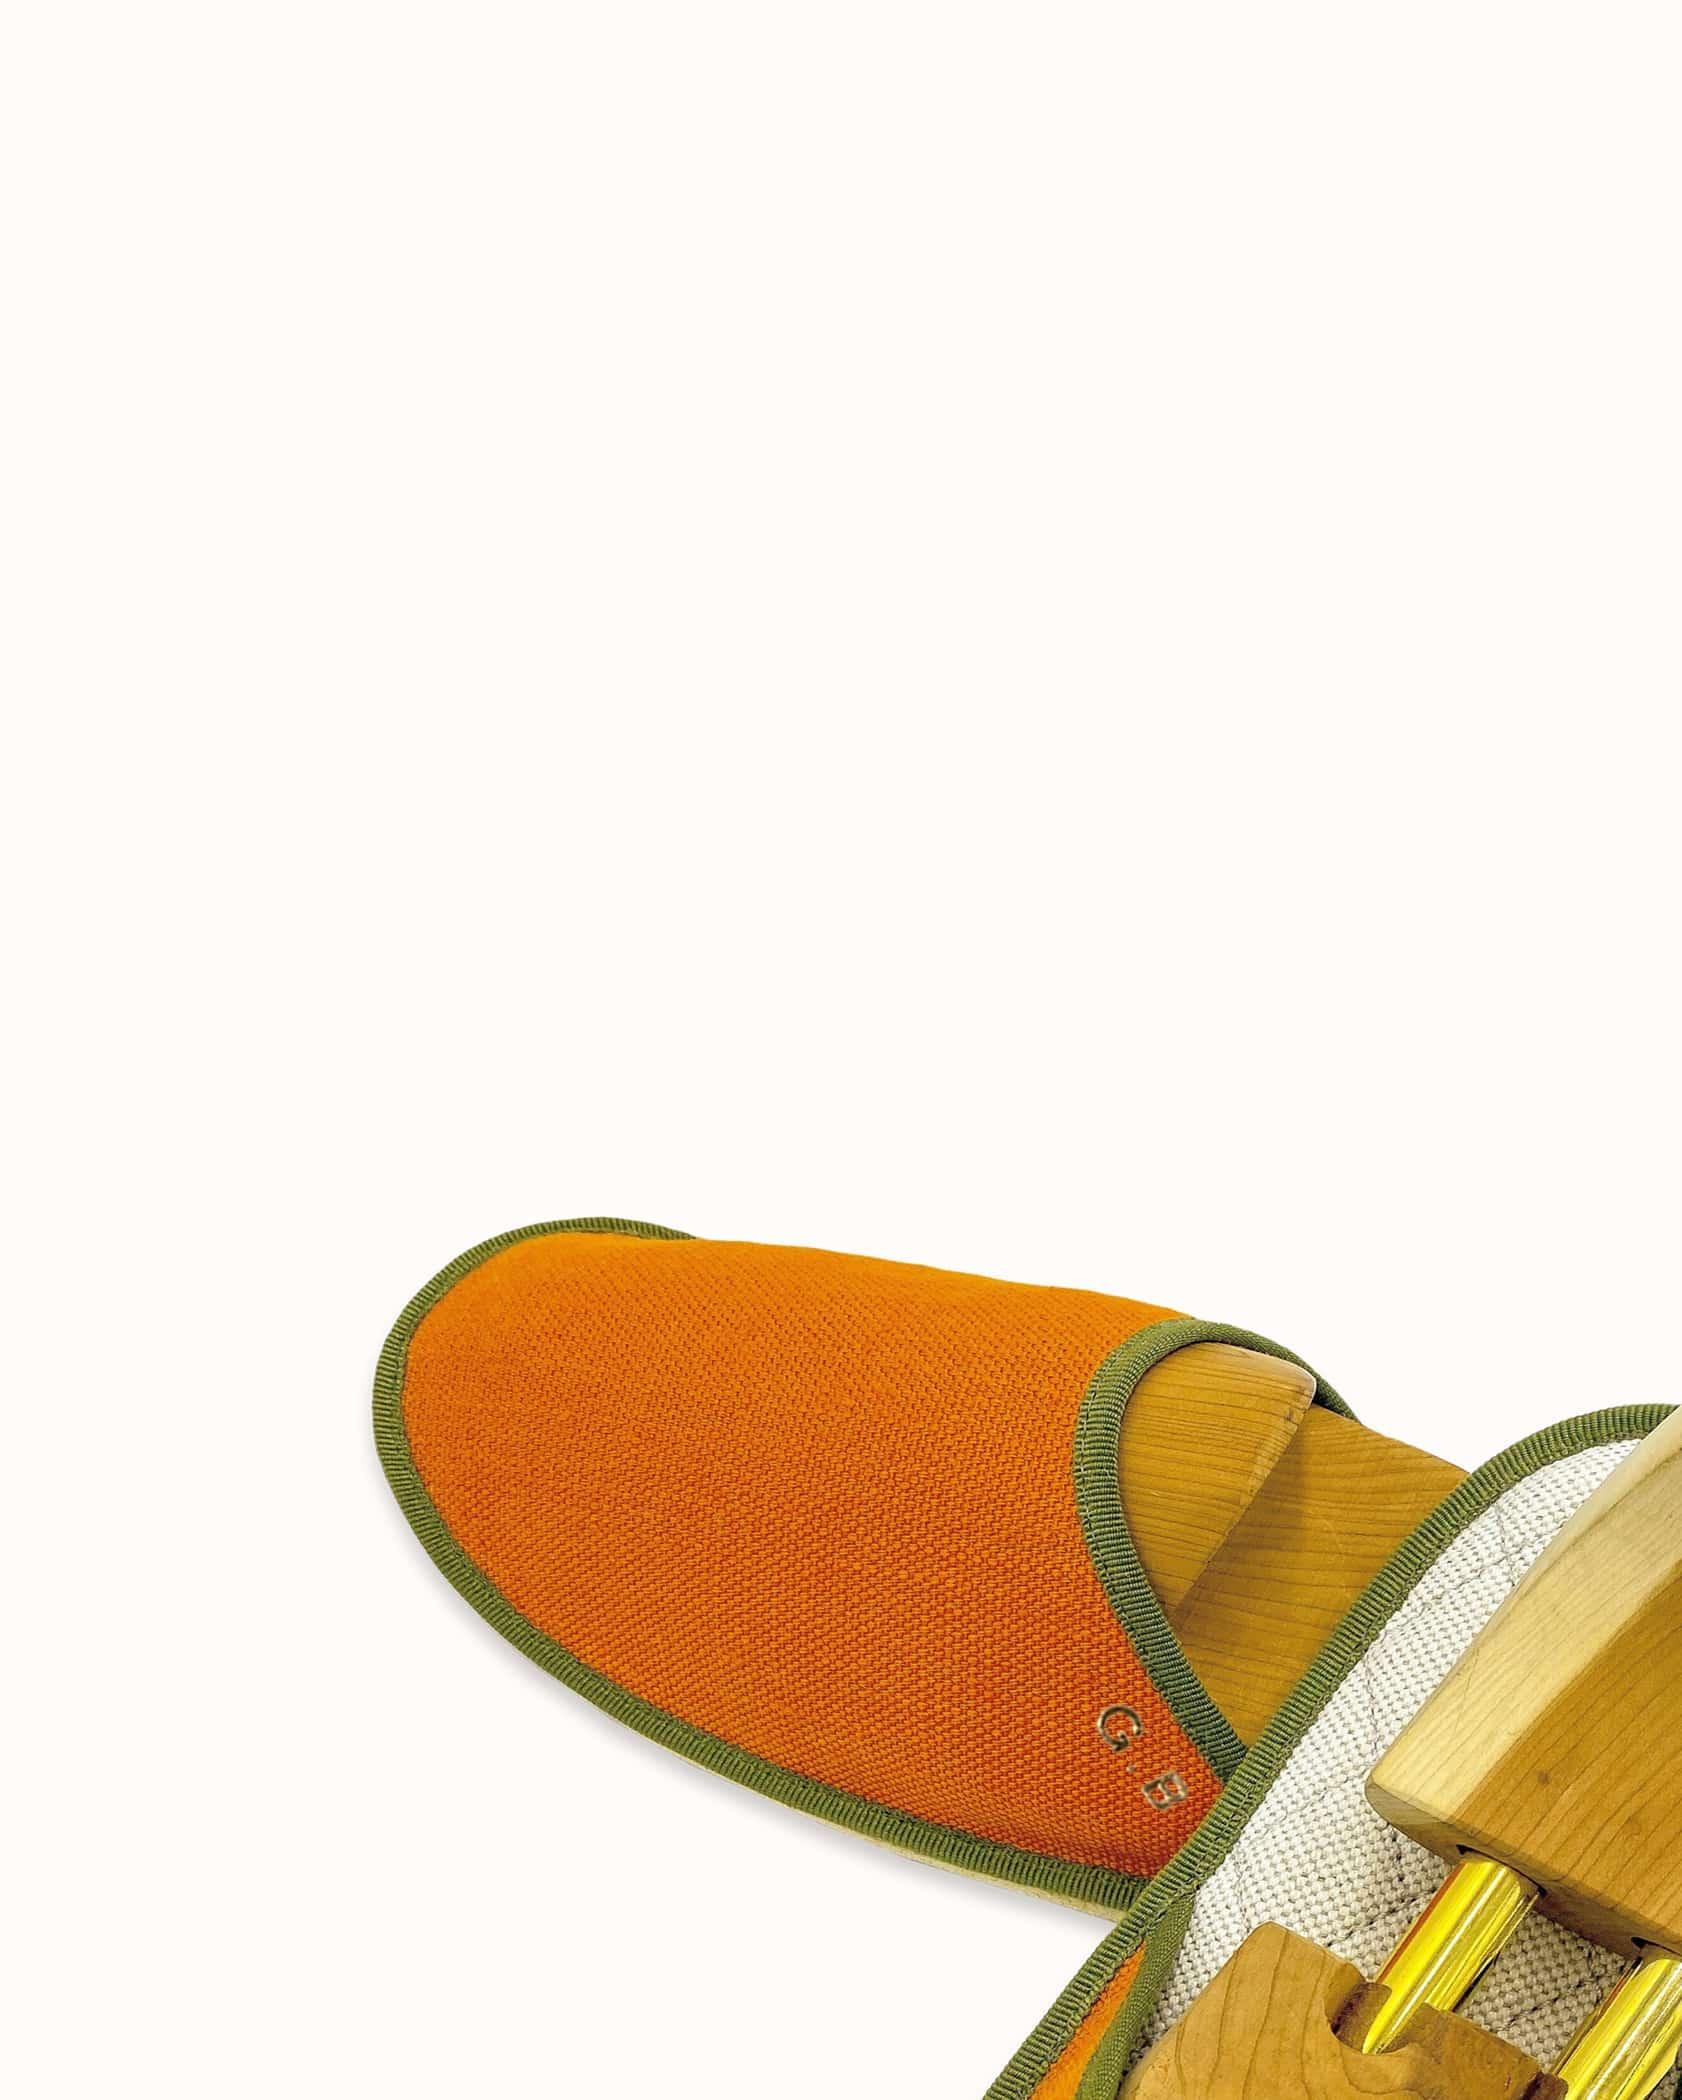 Chausson français pour homme, femme et enfant fabriqué en France. Modèle Couvre-feu (orange et vert), une pantoufle comme à l'hôtel vêtue d'un rembourrage matelassé et d'une finition sophistiquée.